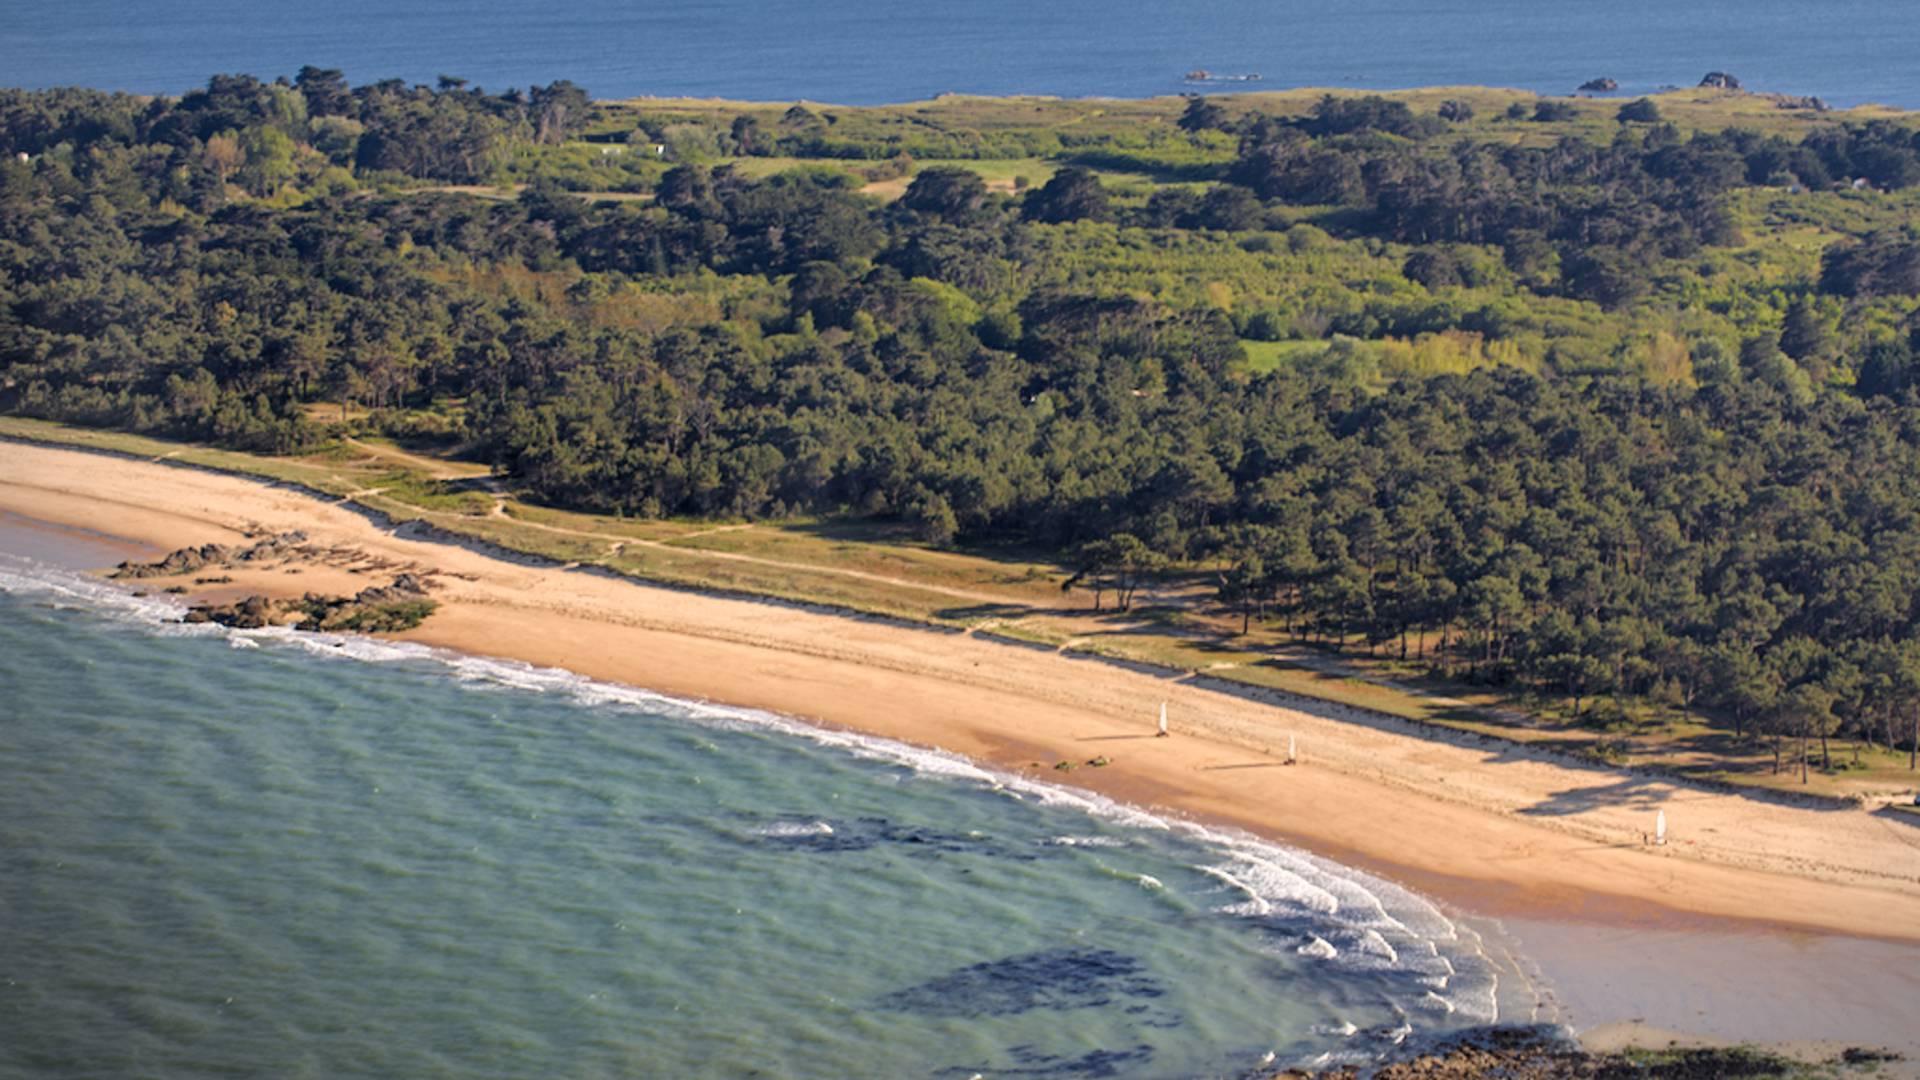 Côte Est - côte dunaire L'île d'Yeu © Aurélien Curtet Photo - www.a-curtet-photo.fr